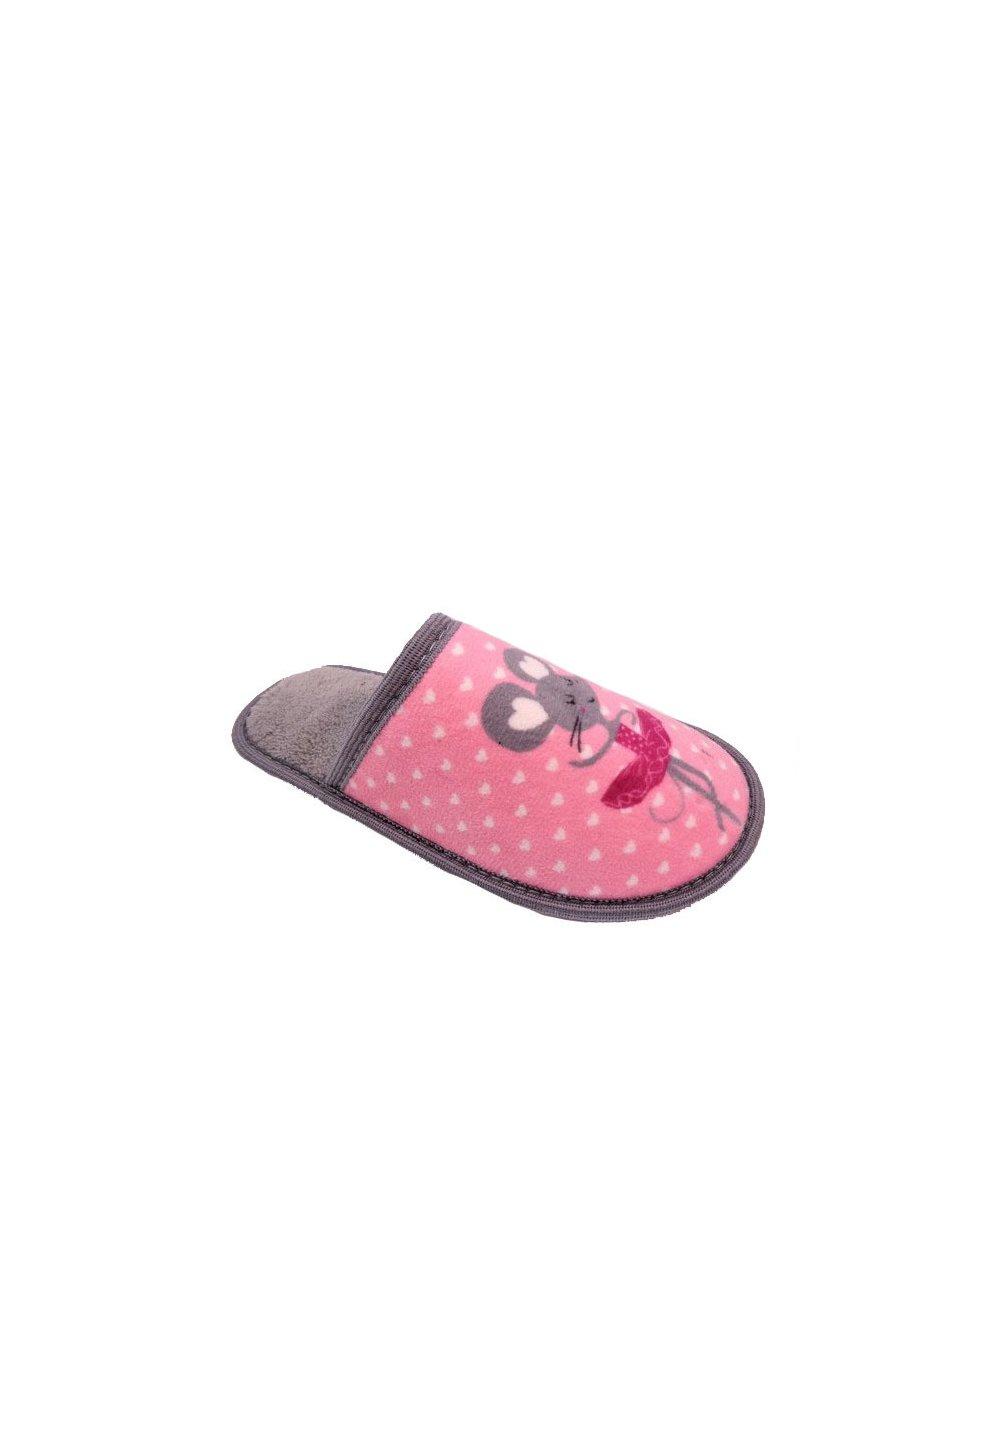 Papuci de casa, Soricel, gri cu roz imagine